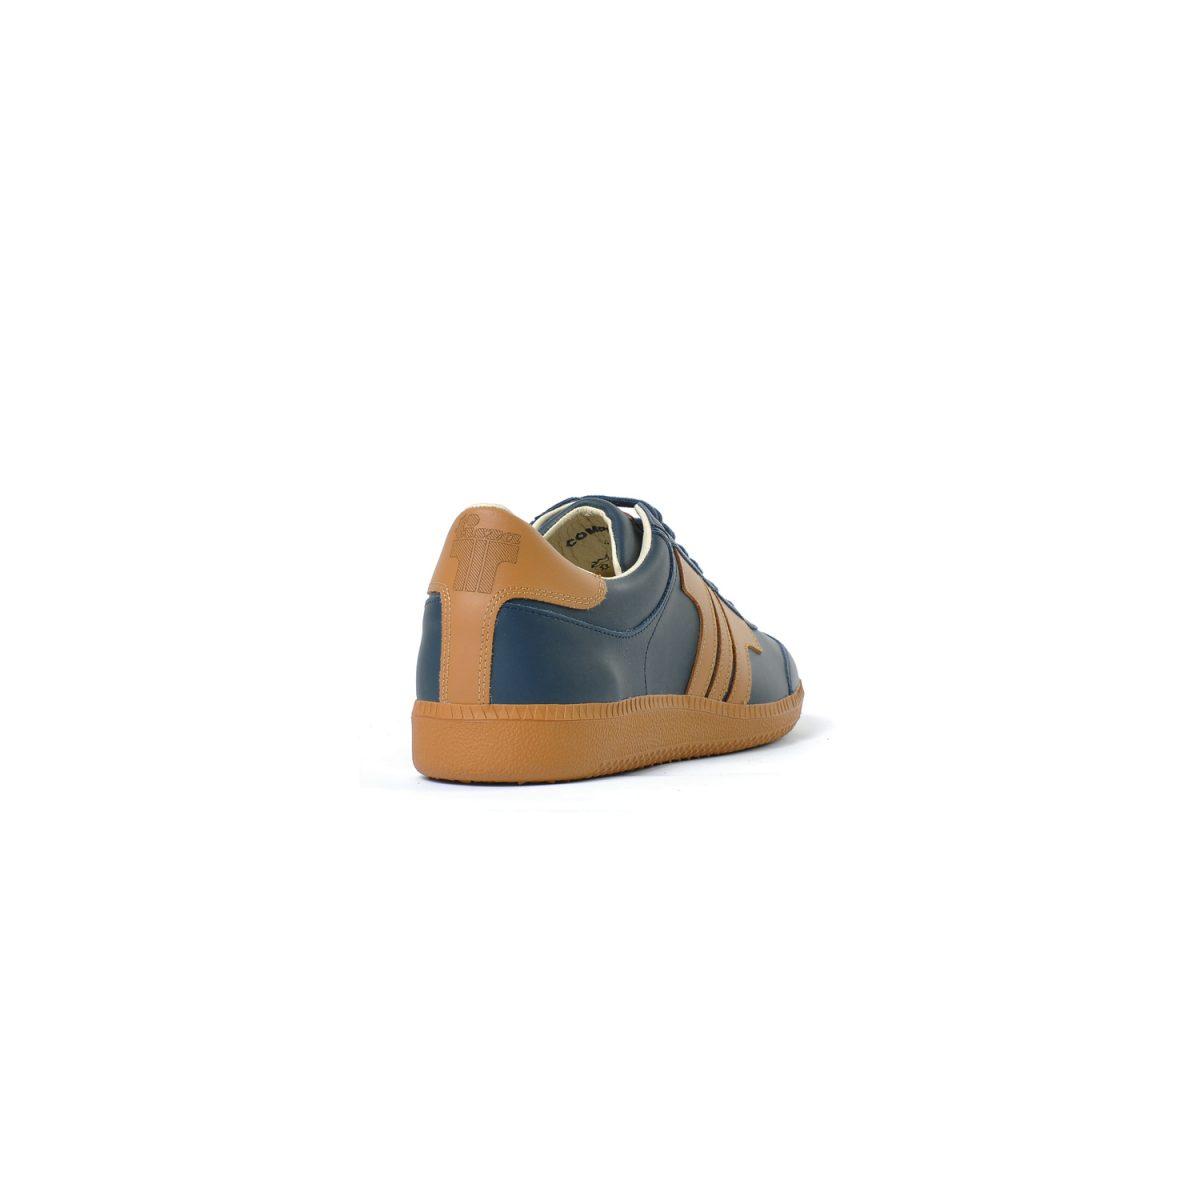 Tisza cipő - Compakt - Sötétkék-dohány